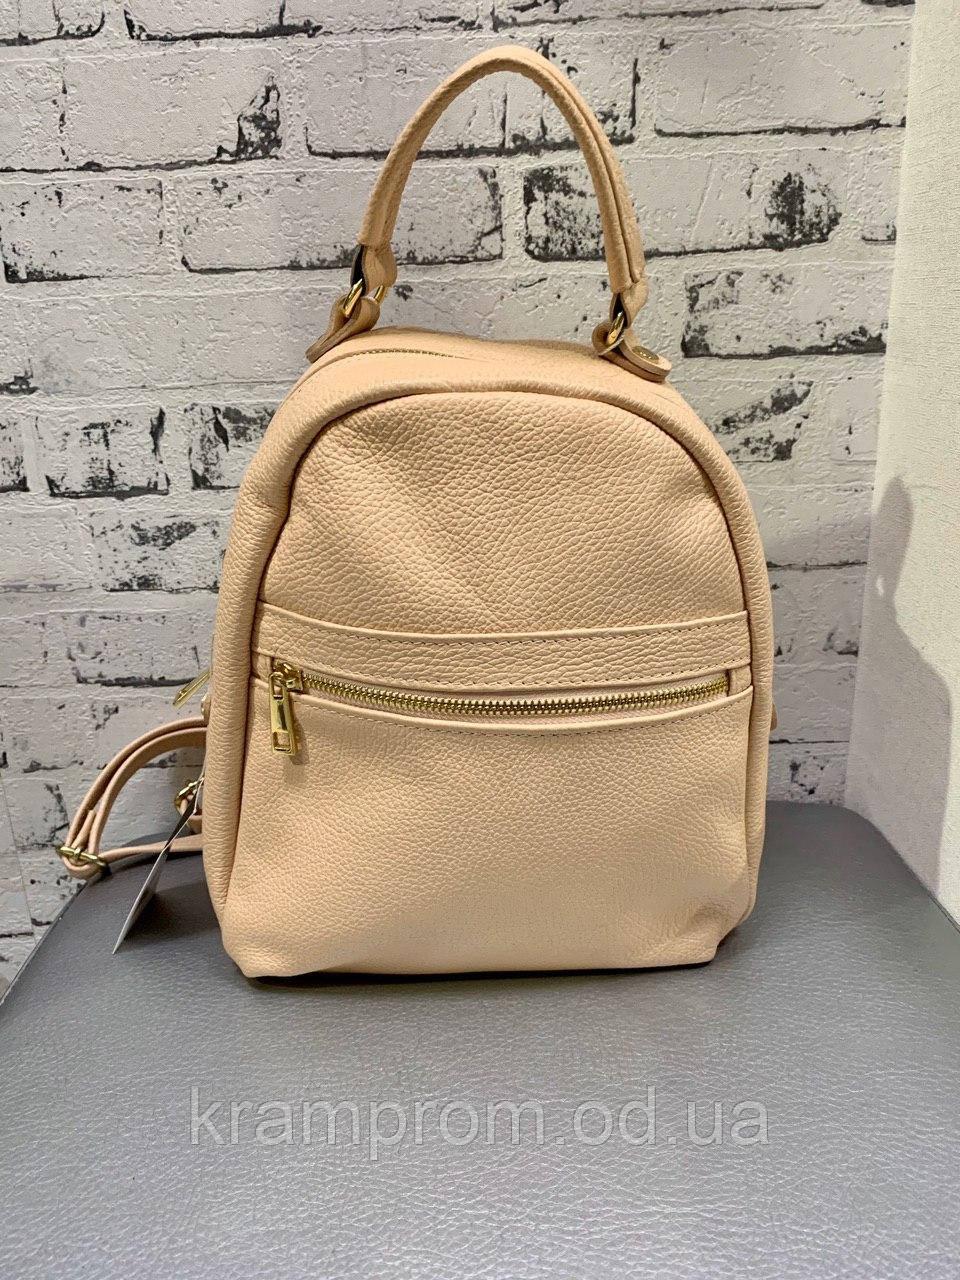 Кожаный женский городской рюкзак